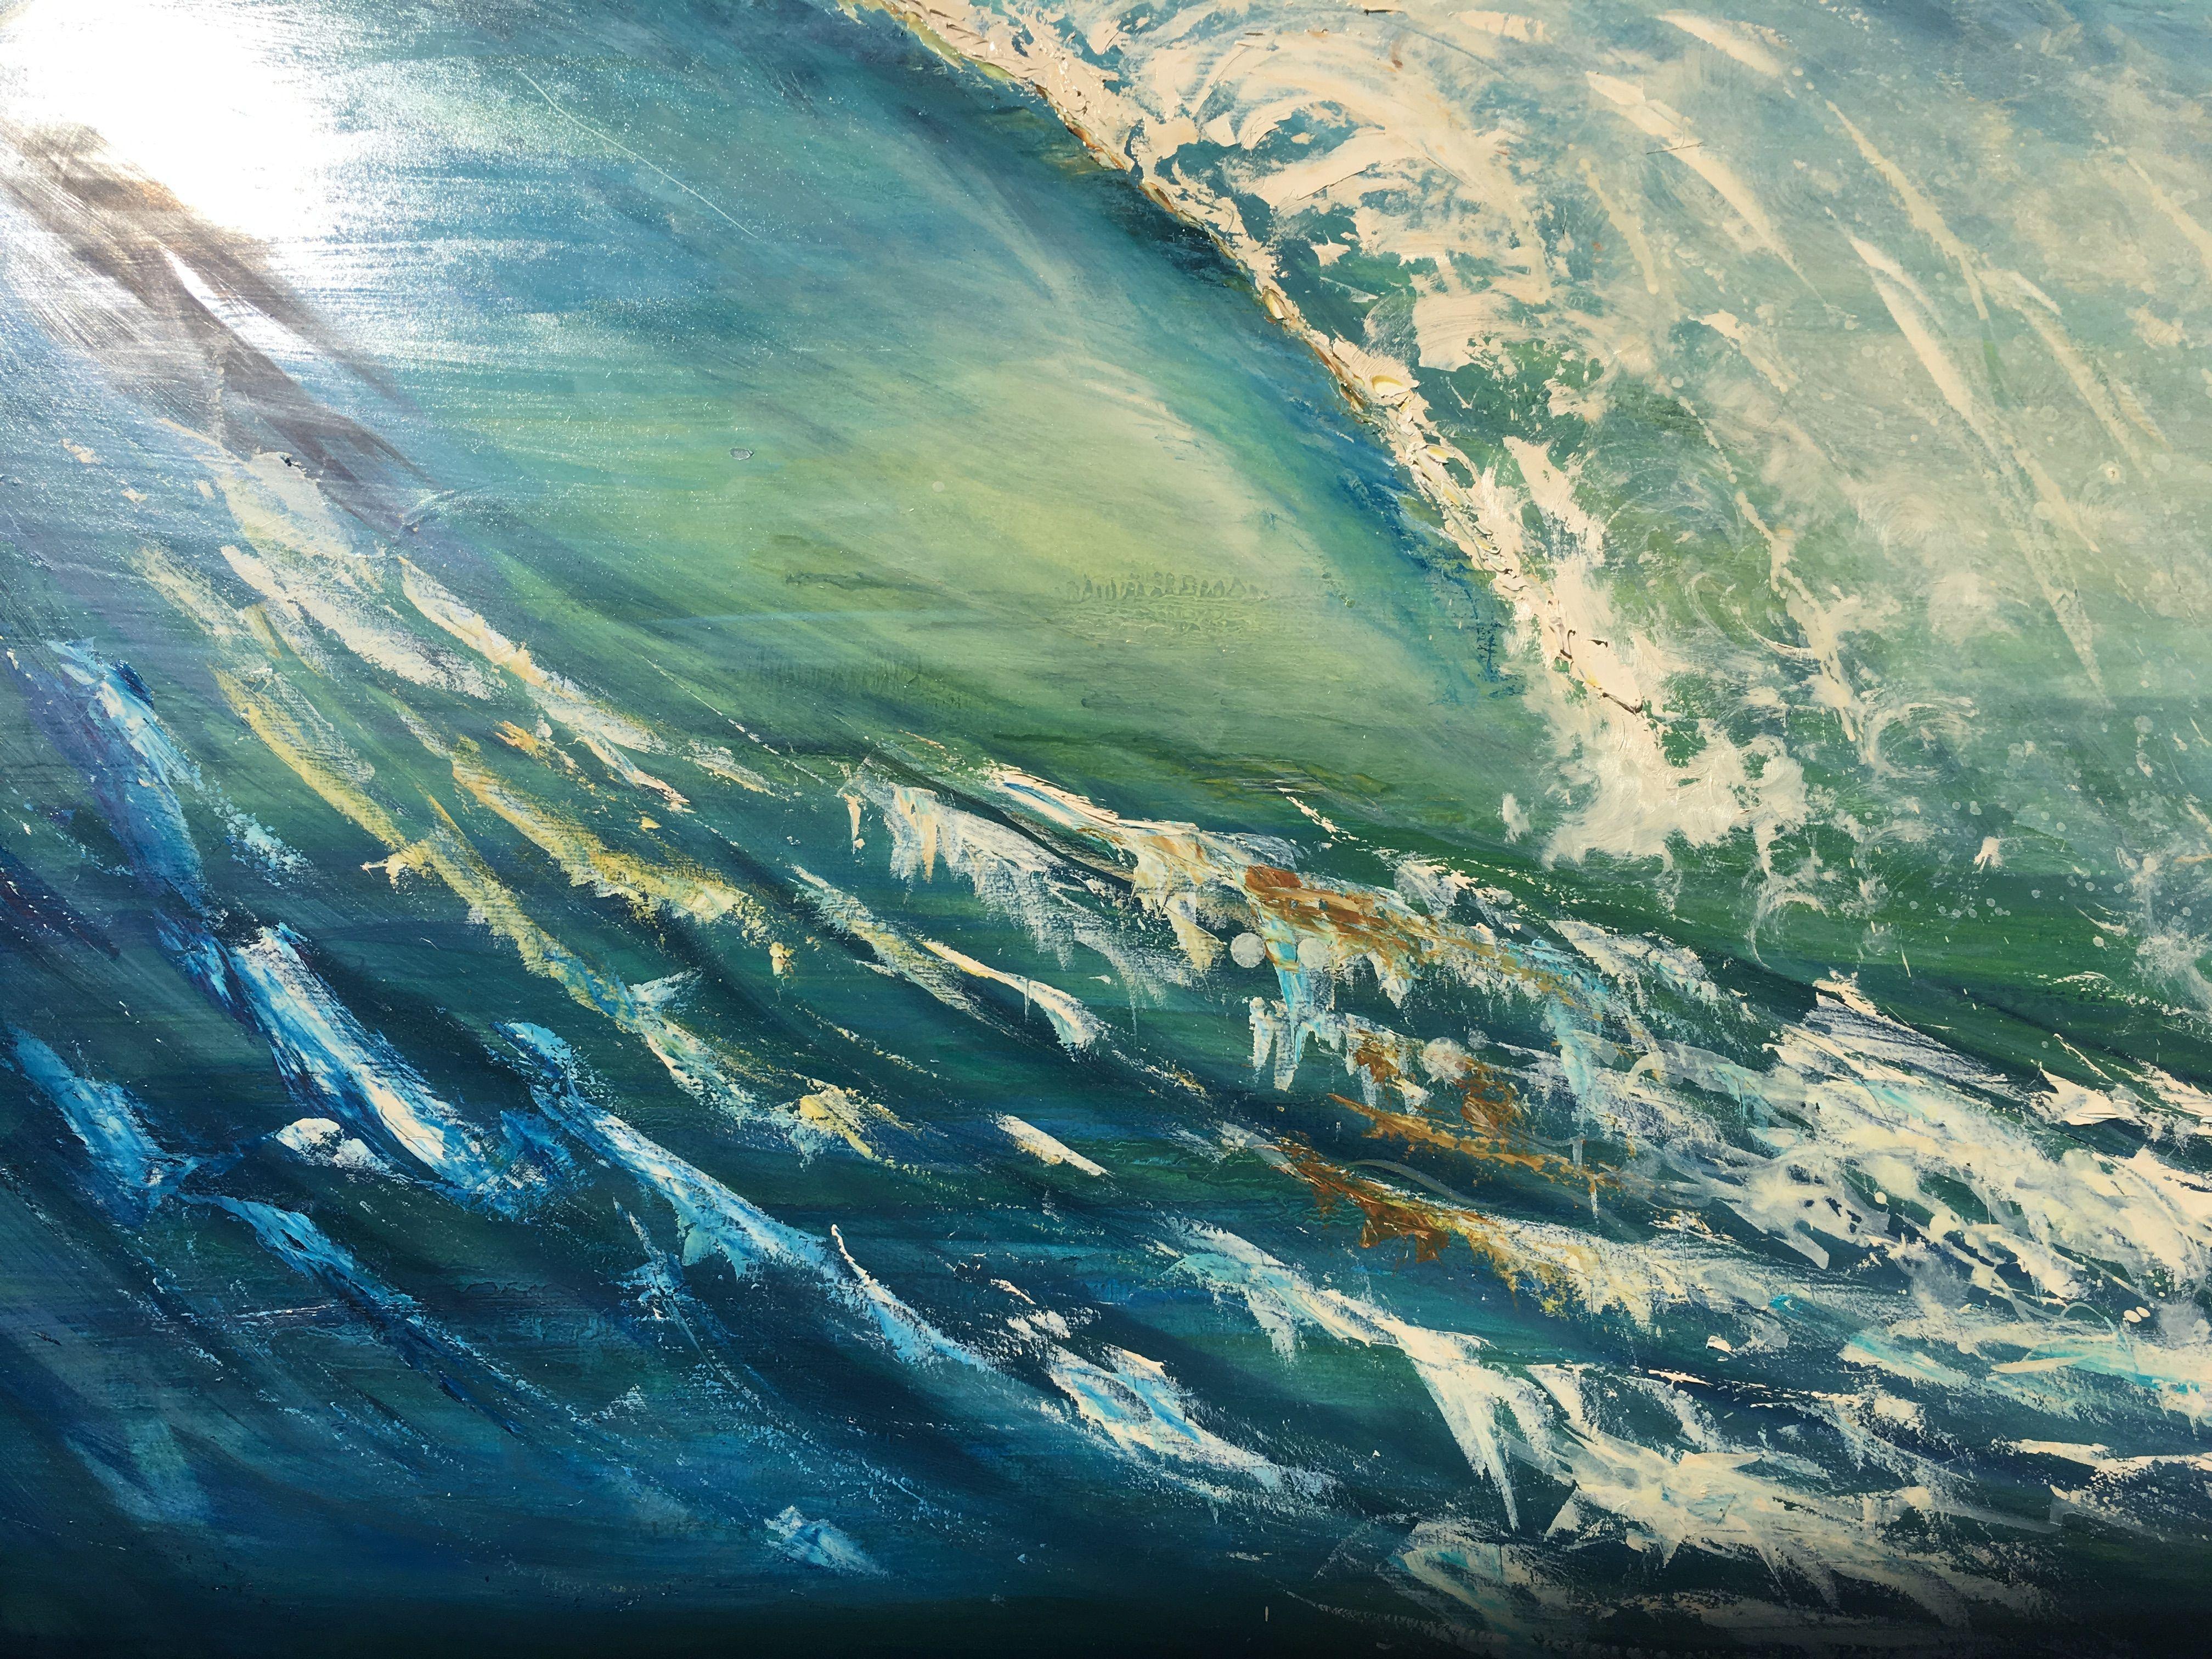 La gran ola !!!